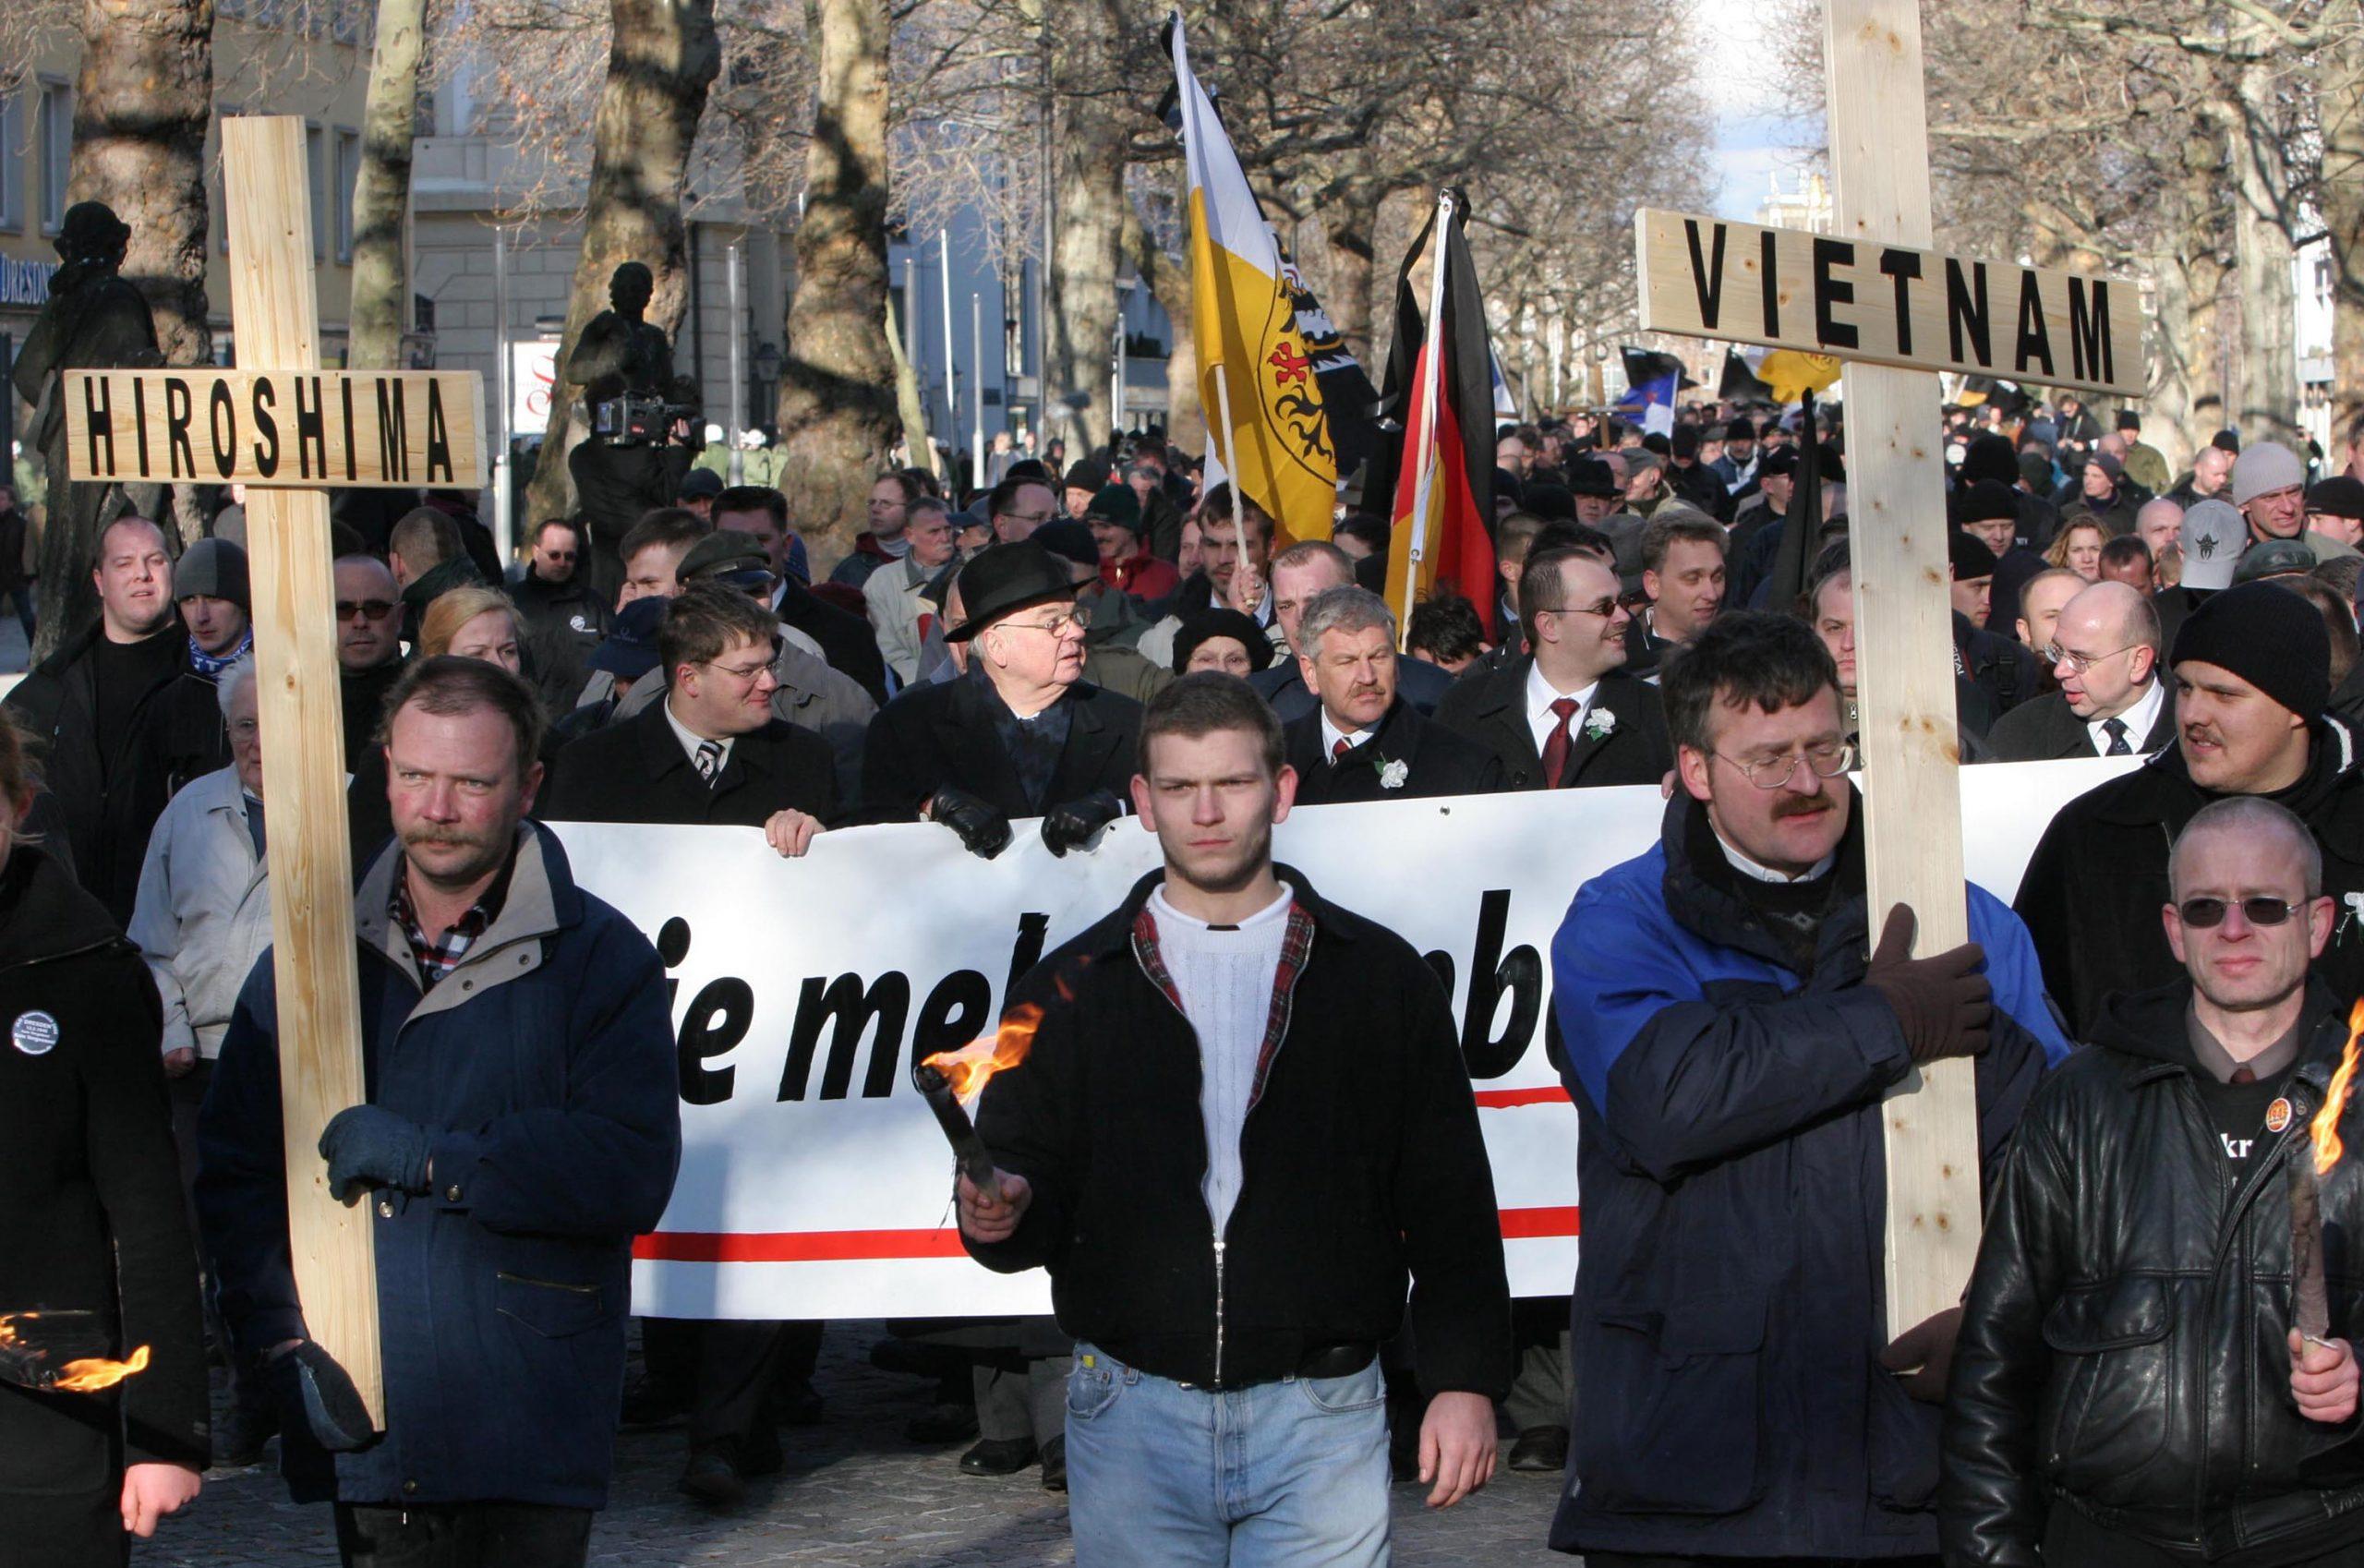 Svezia, una donna con il pugno chiuso ferma il corteo di 300 neo nazisti